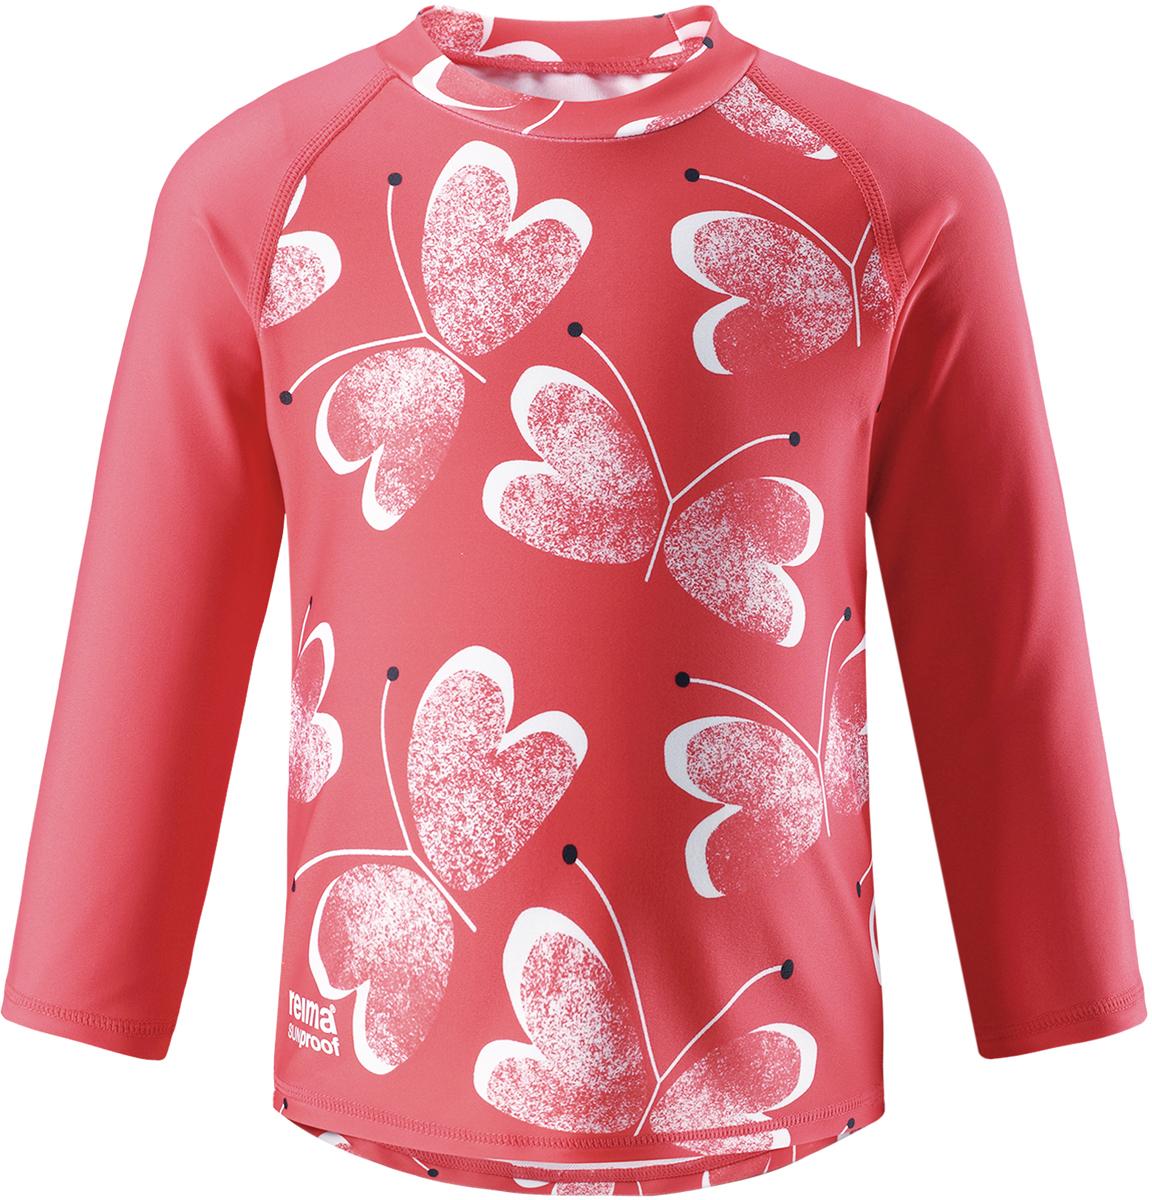 Футболка для плавания детская Reima Borneo, цвет: розовый. 5163493343. Размер 925163493343